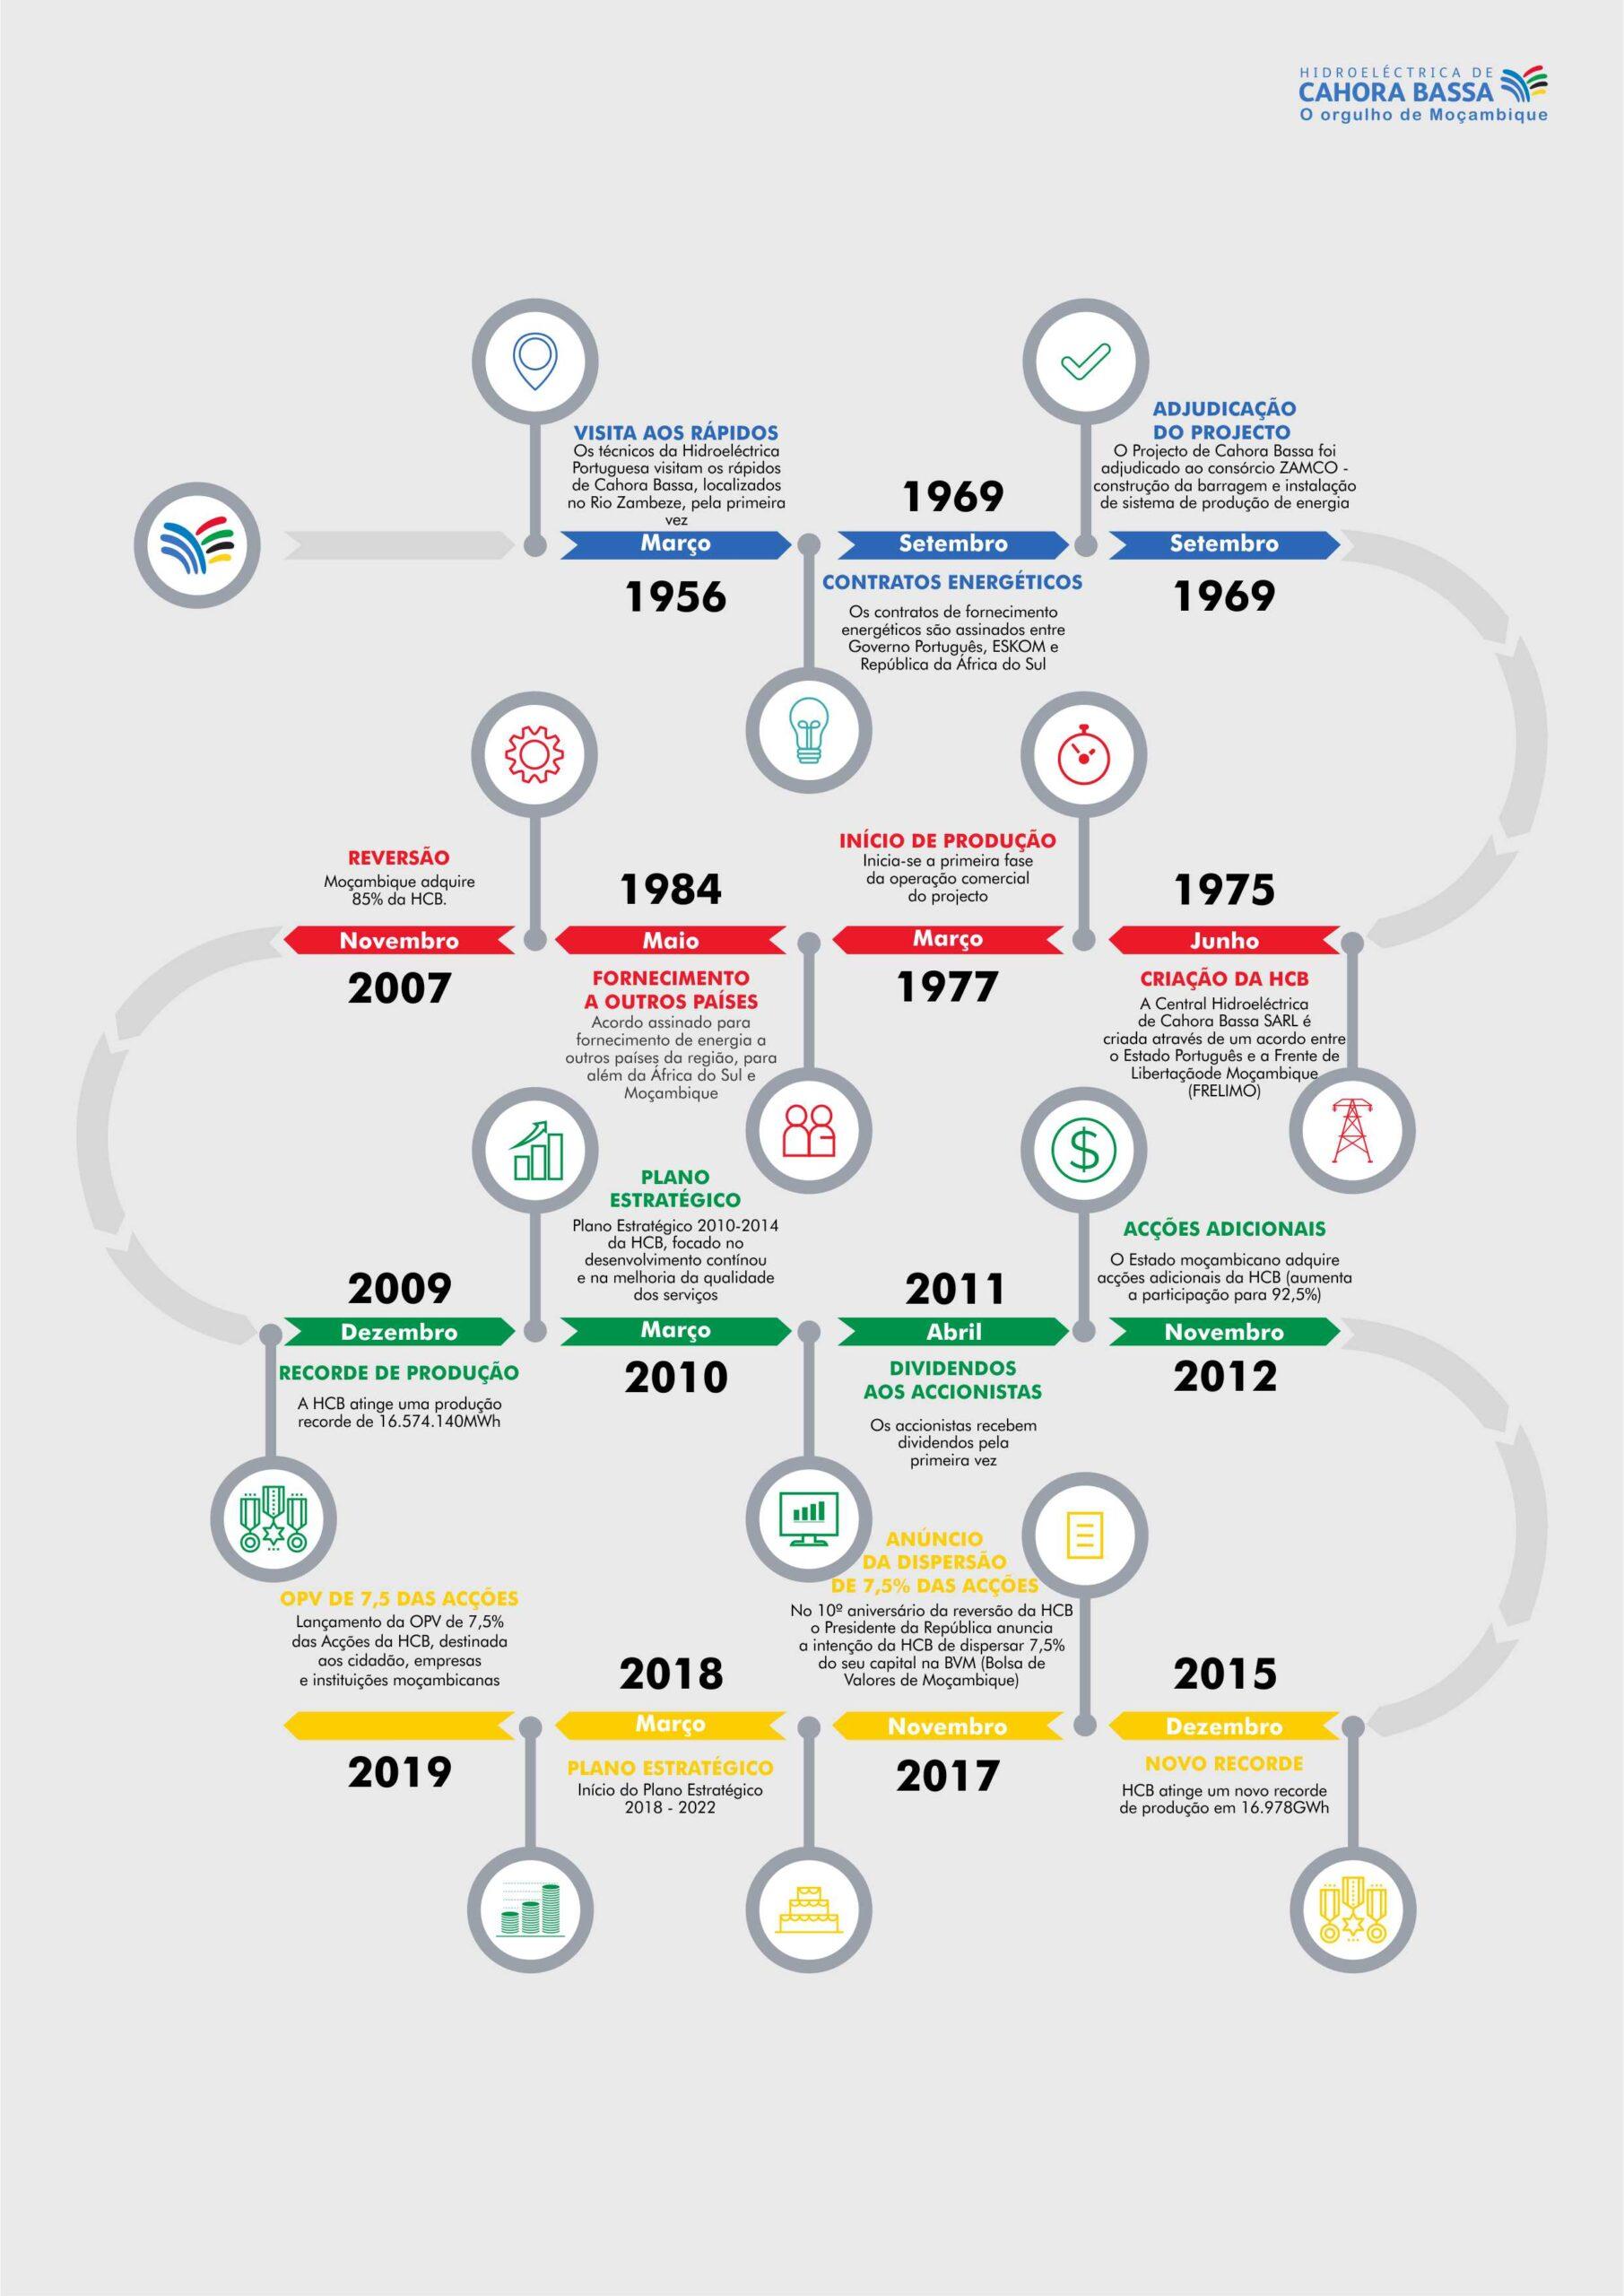 Cronologia - Timeline